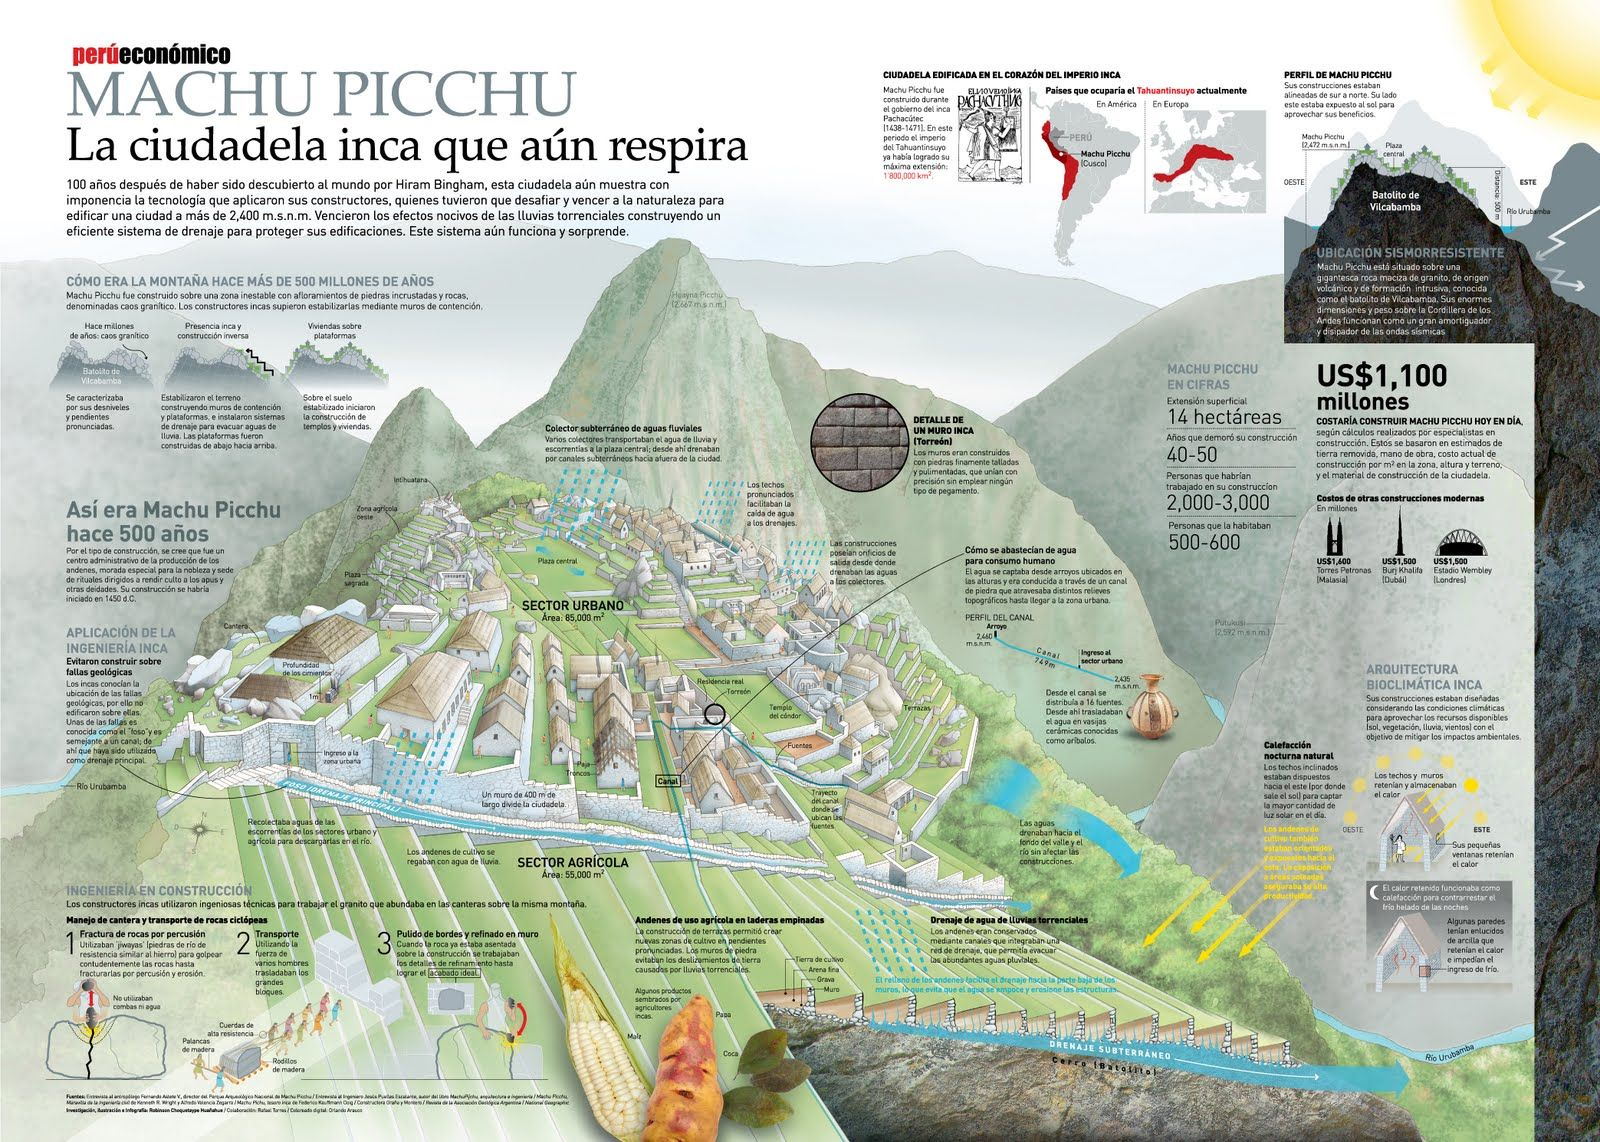 Machu Picchu Perú Machu Picchu Learning Spanish Cusco